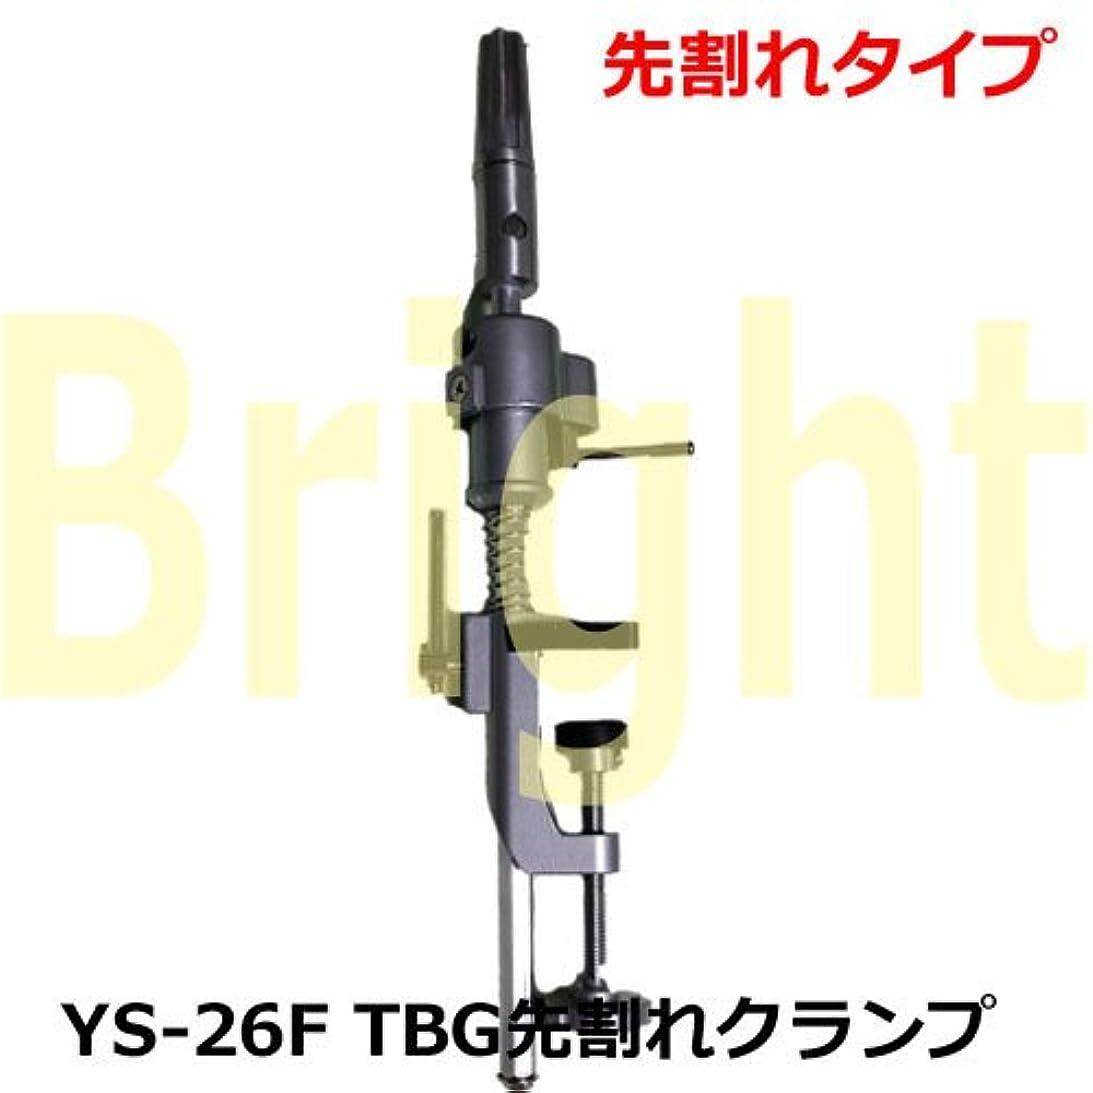 フラップ快適効果TBG YS-26F マネキンクランプ 先割れタイプ マネキン?ウィッグ固定